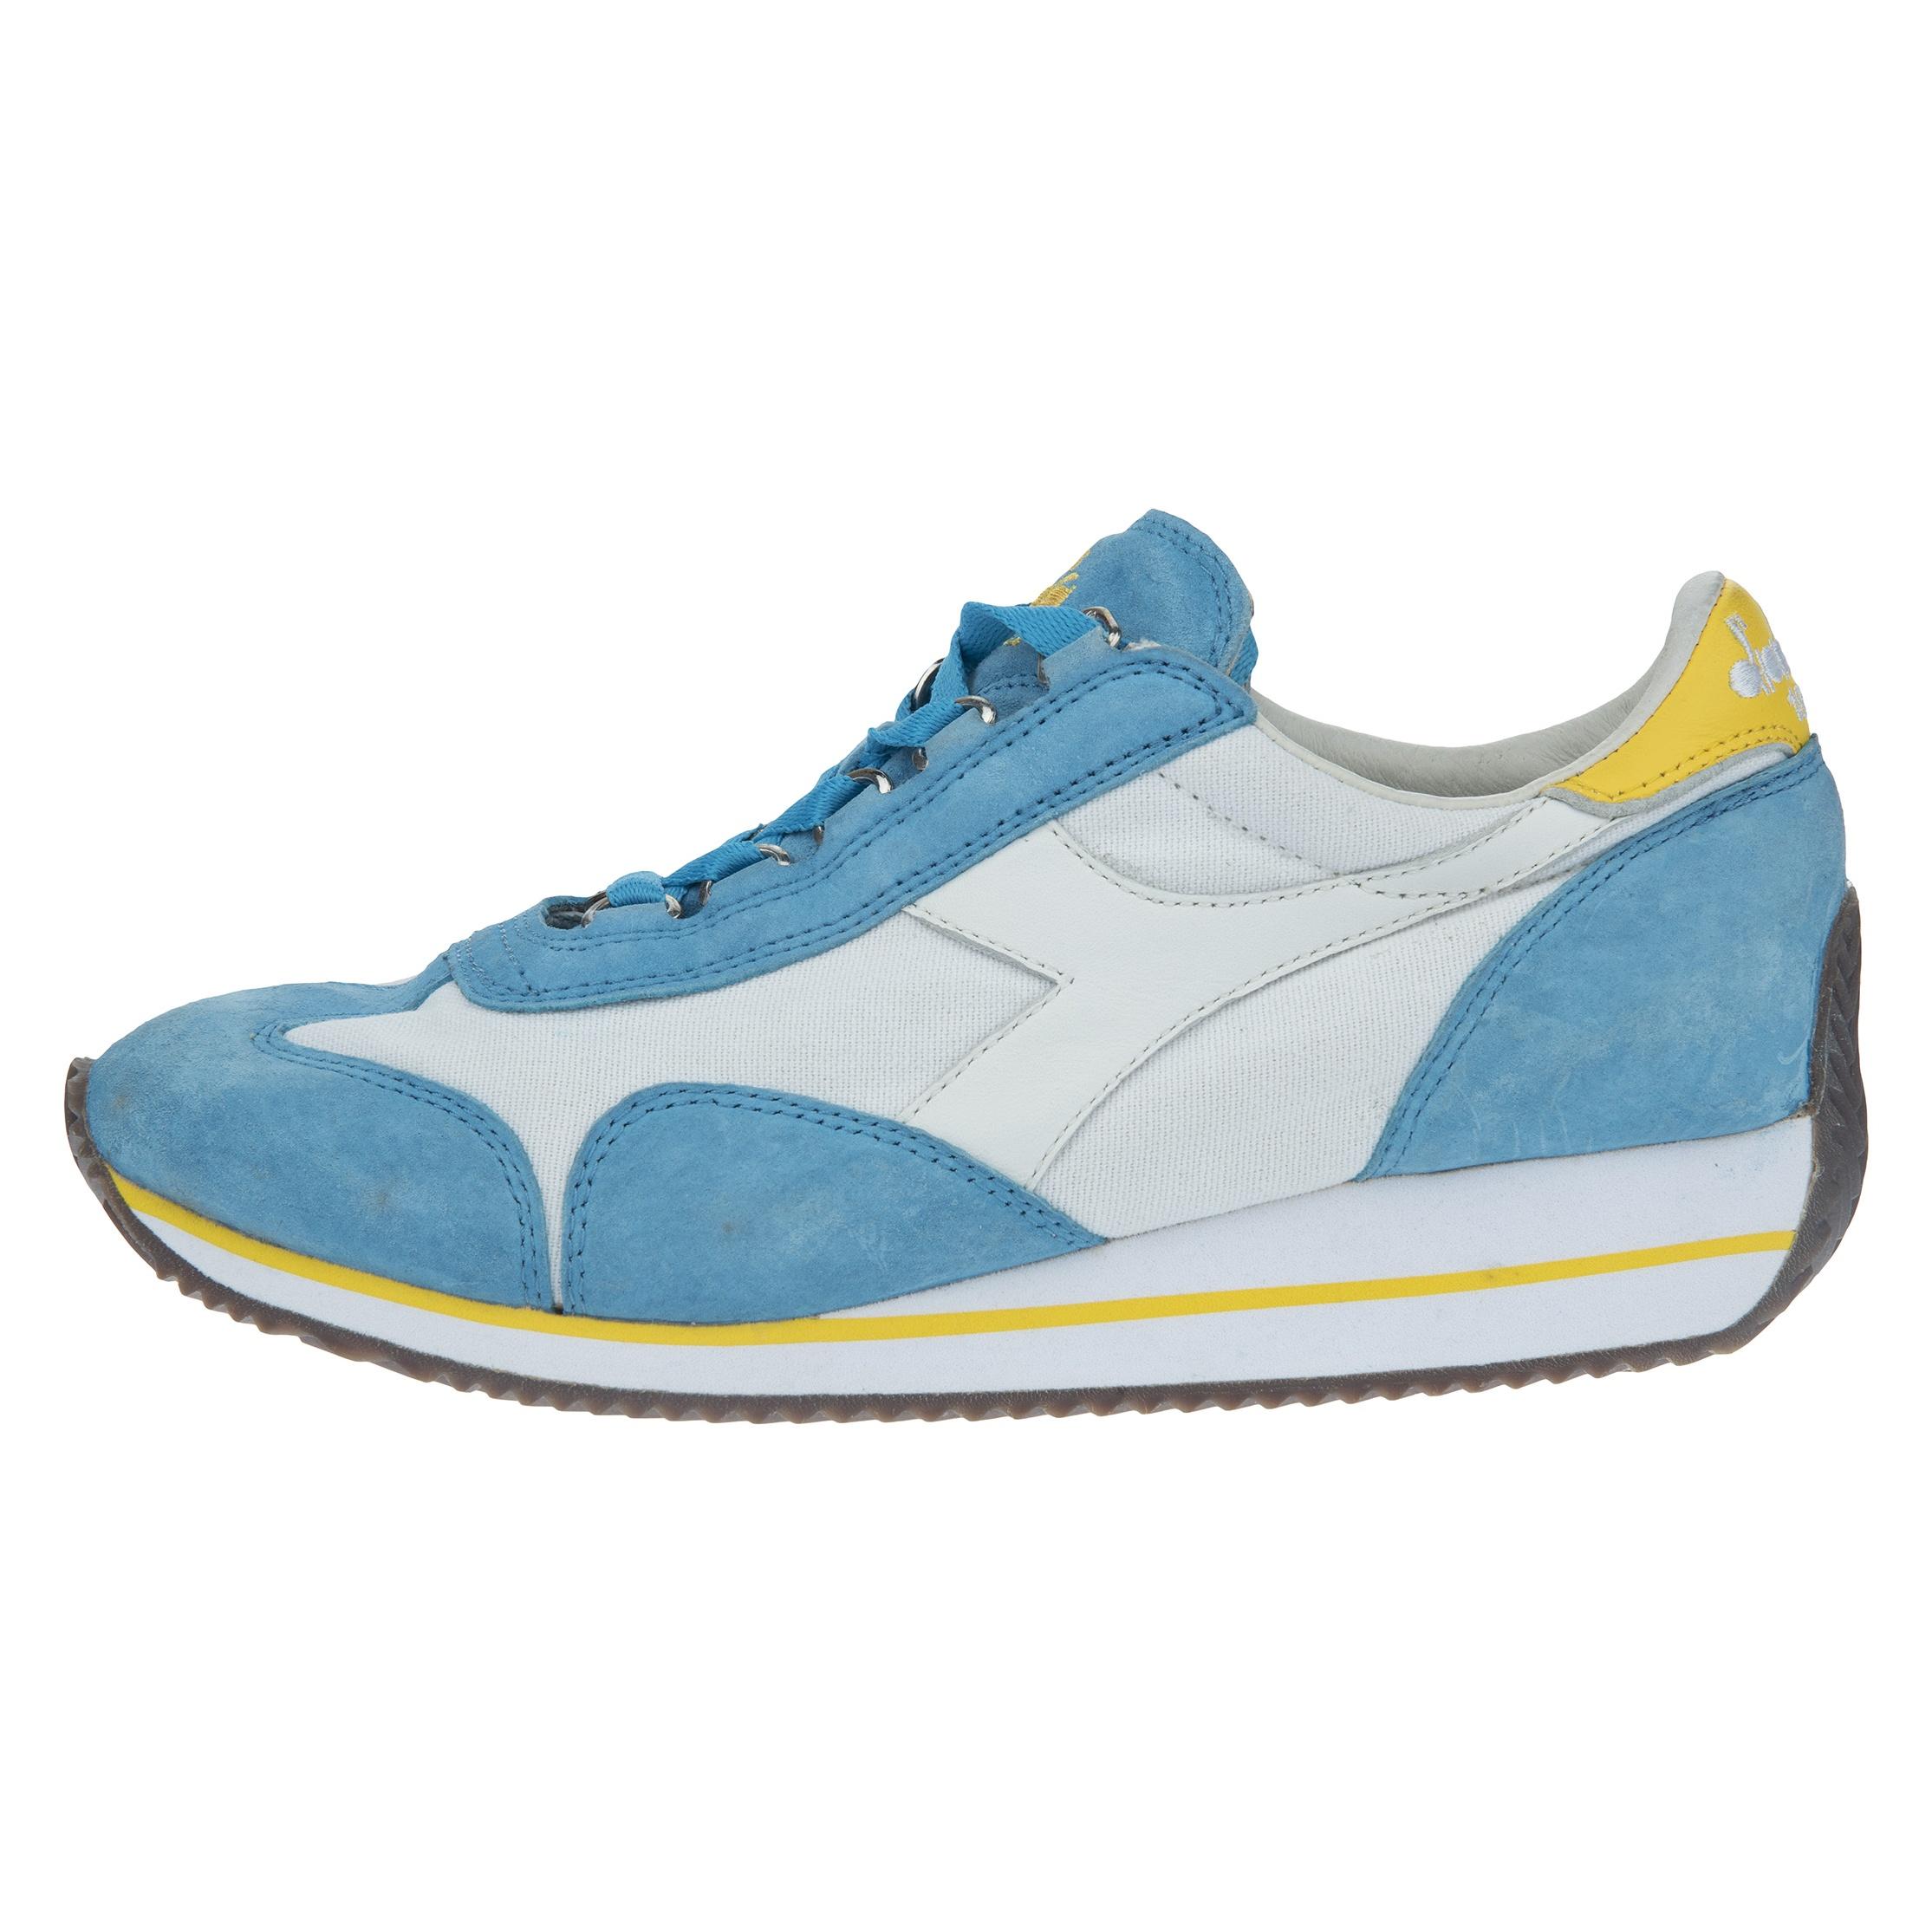 کفش مخصوص پیاده روی زنانه دیادورا کد Equipe W SW HH 156030-6164